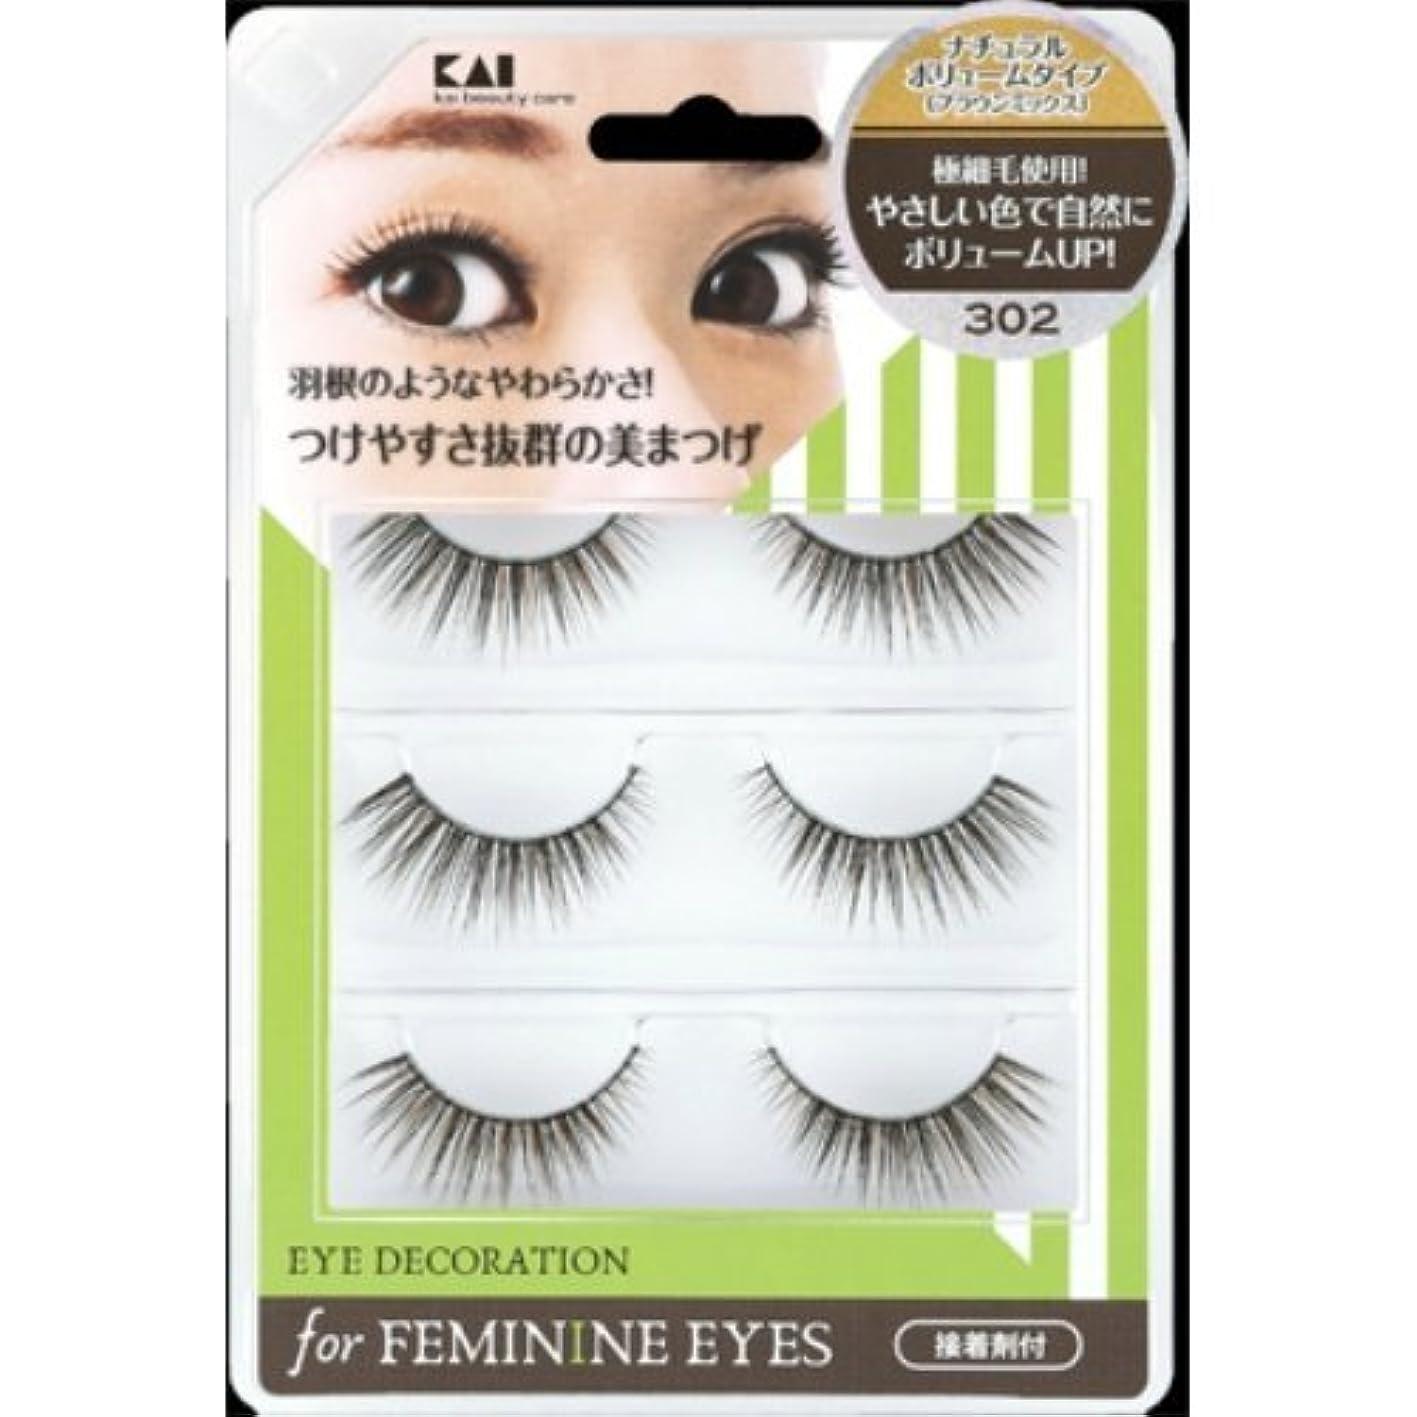 アソシエイト段階廃棄貝印 アイデコレーション for feminine eyes 302 HC1562